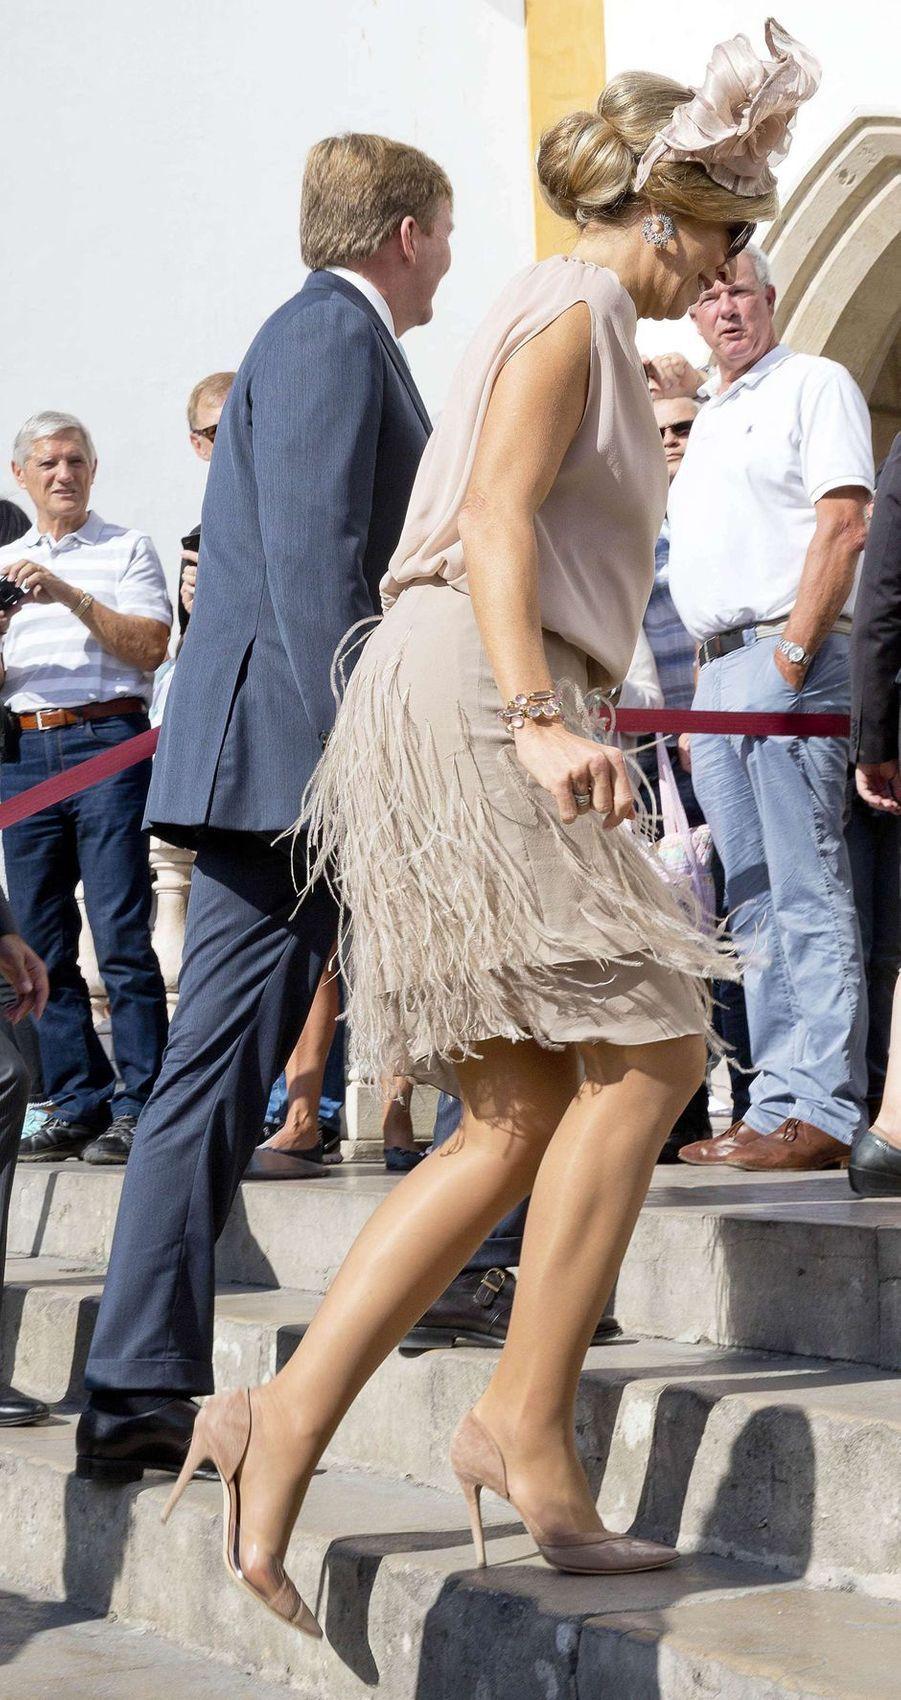 La reine Maxima des Pays-Bas dans une robe agrémentée de plumes le 12 octobre 2017